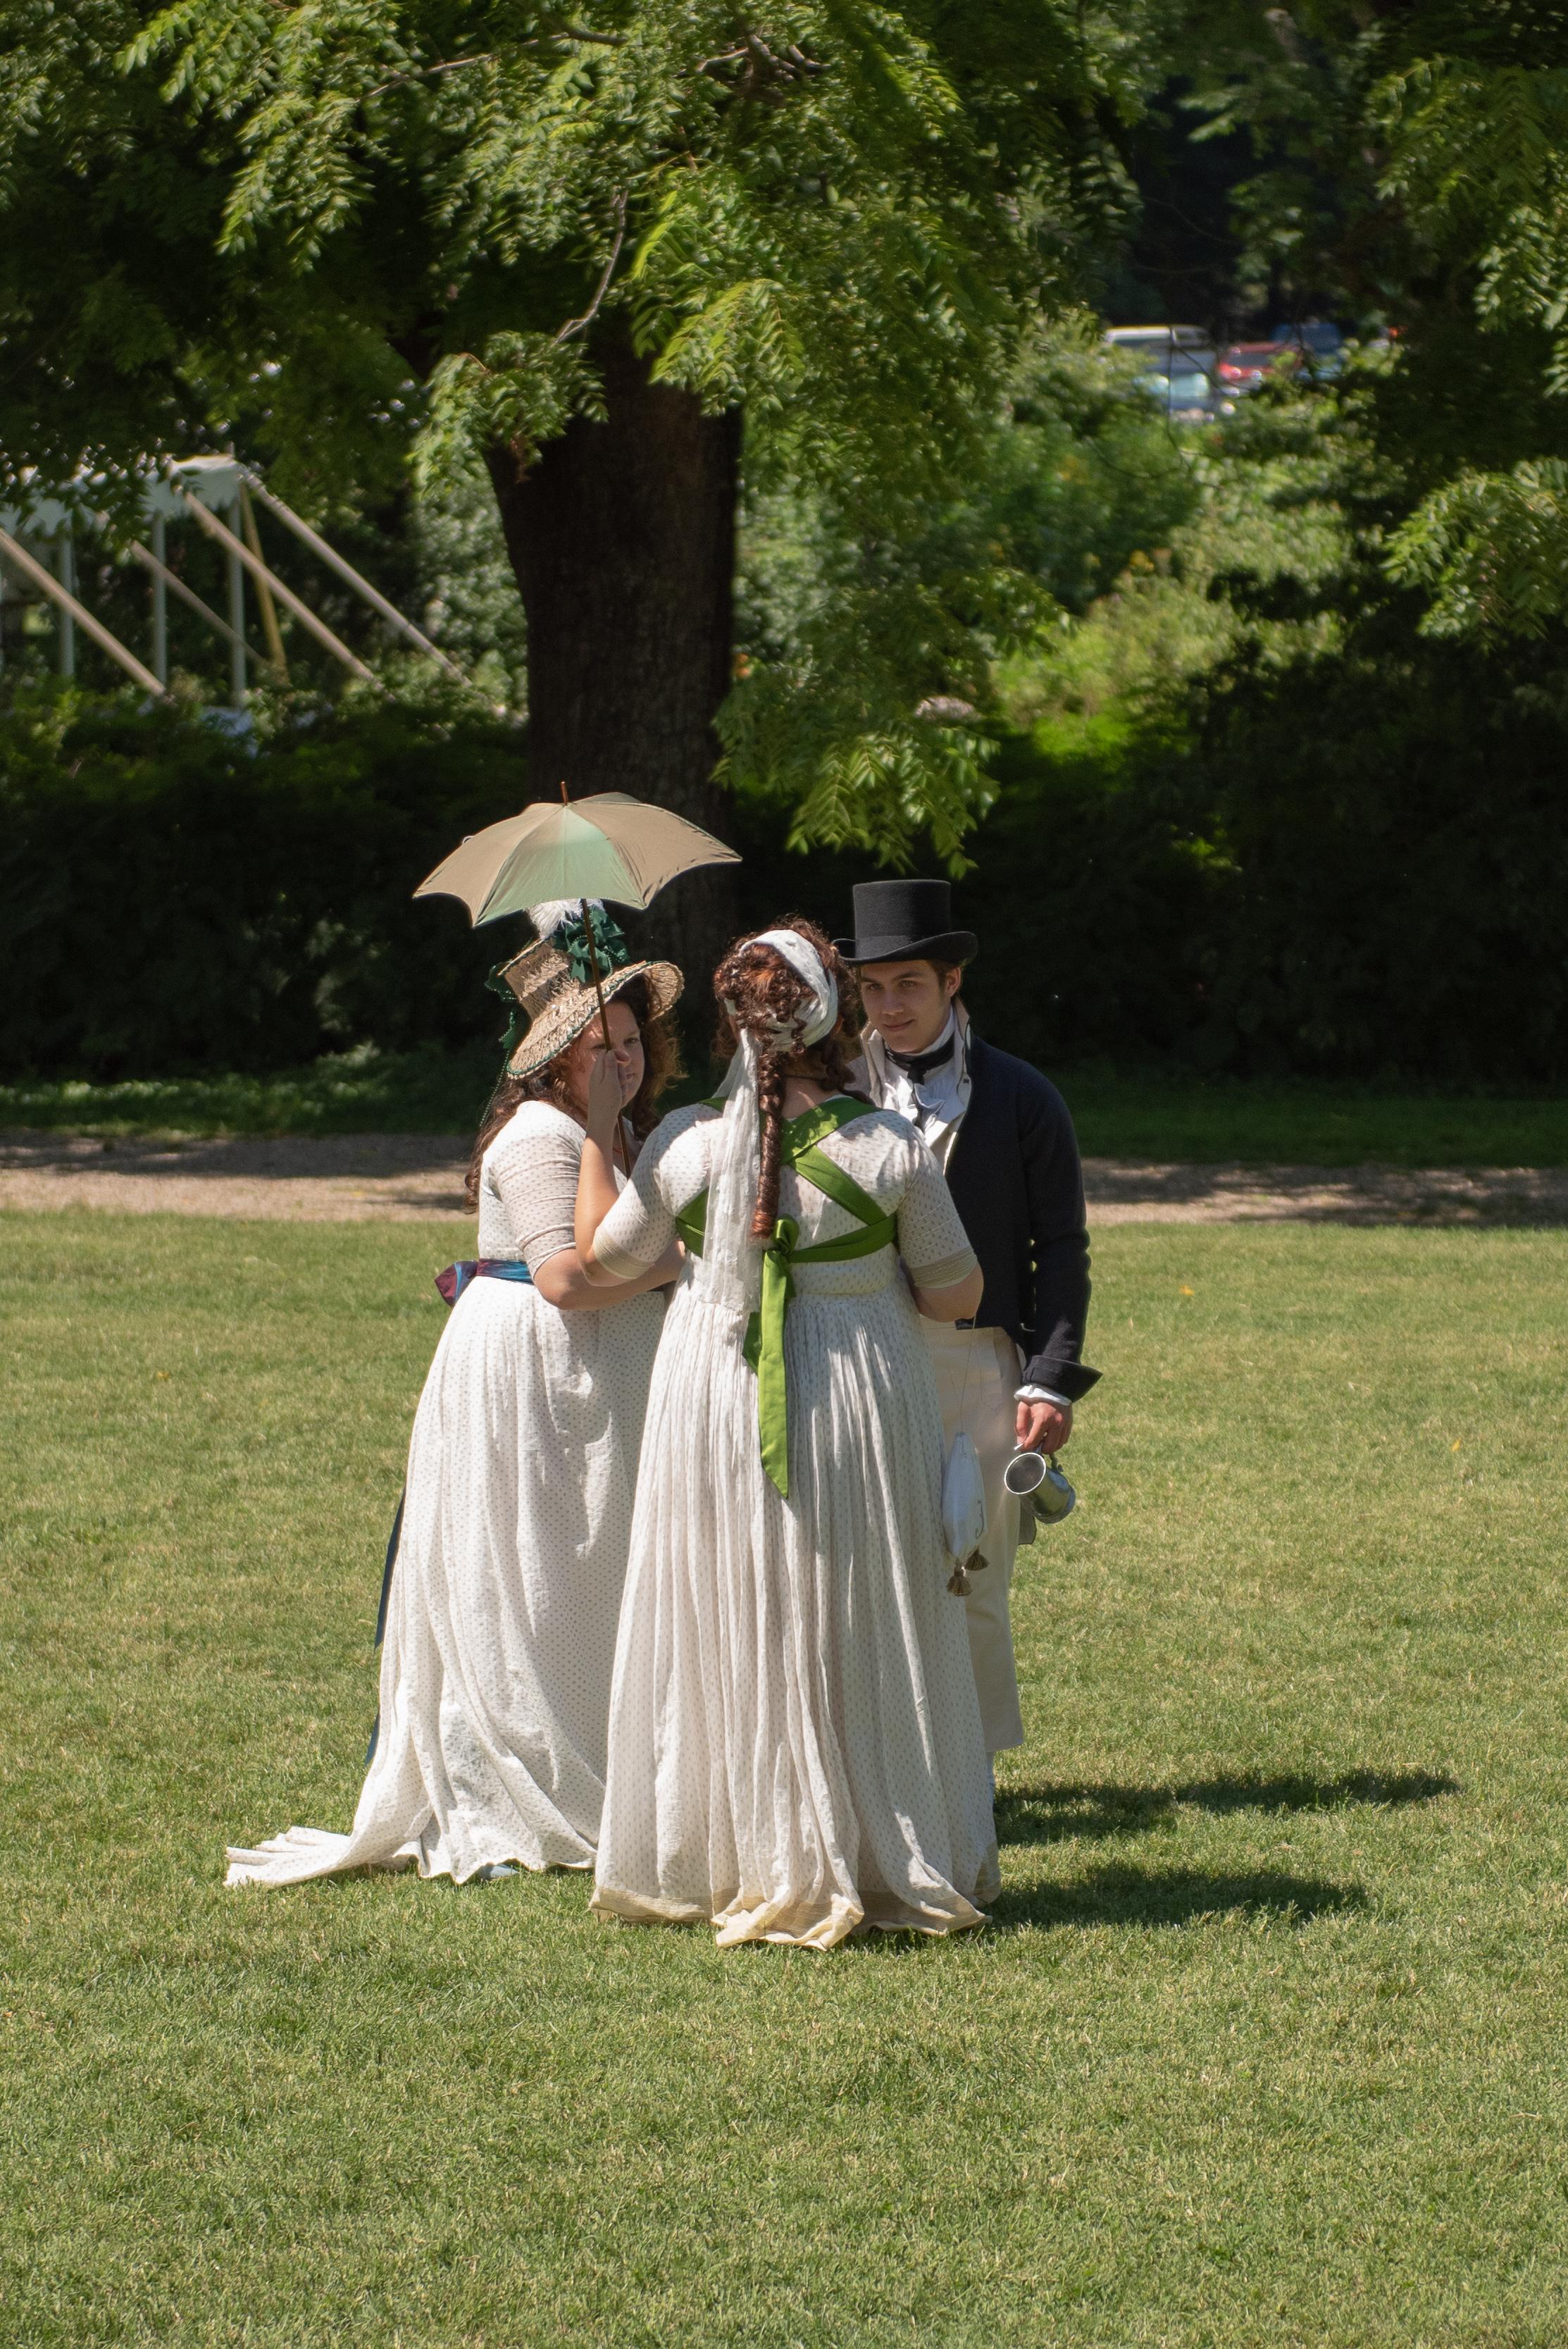 Jane Austen Festival Louisville Kentucky 2019 Regency Federal dress 1790s